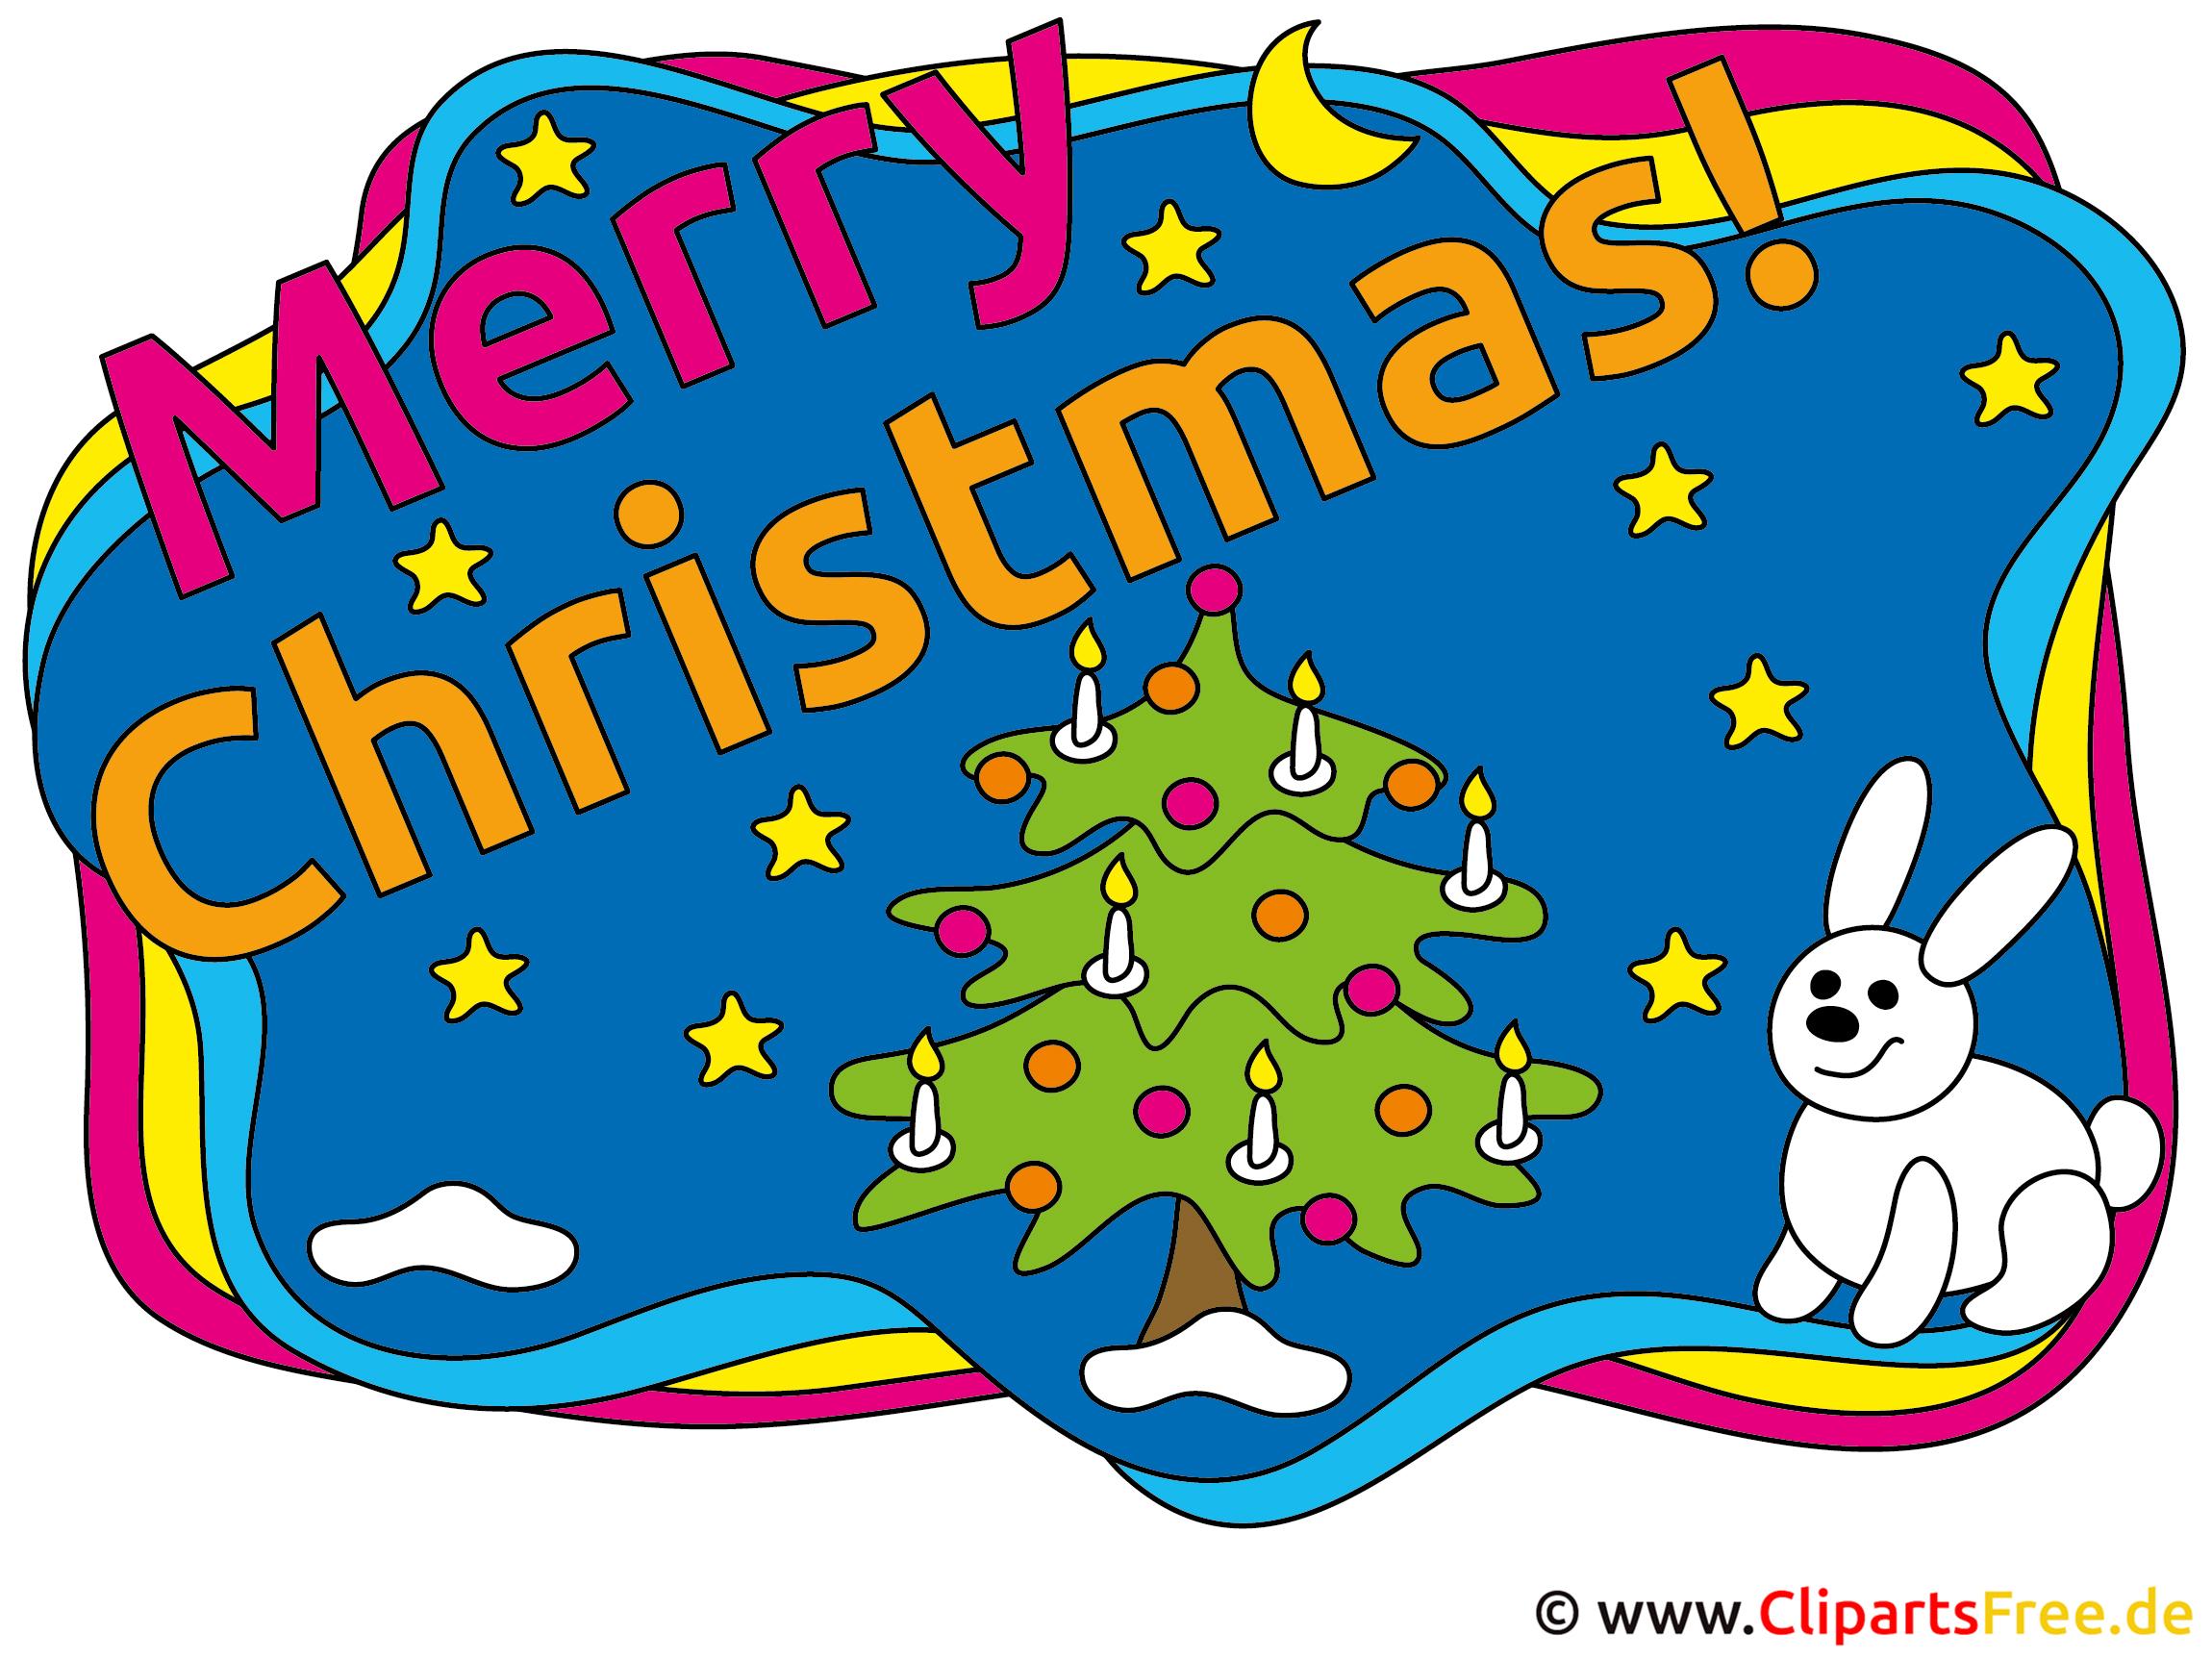 Merry christmas bilder for Merry christmas bilder